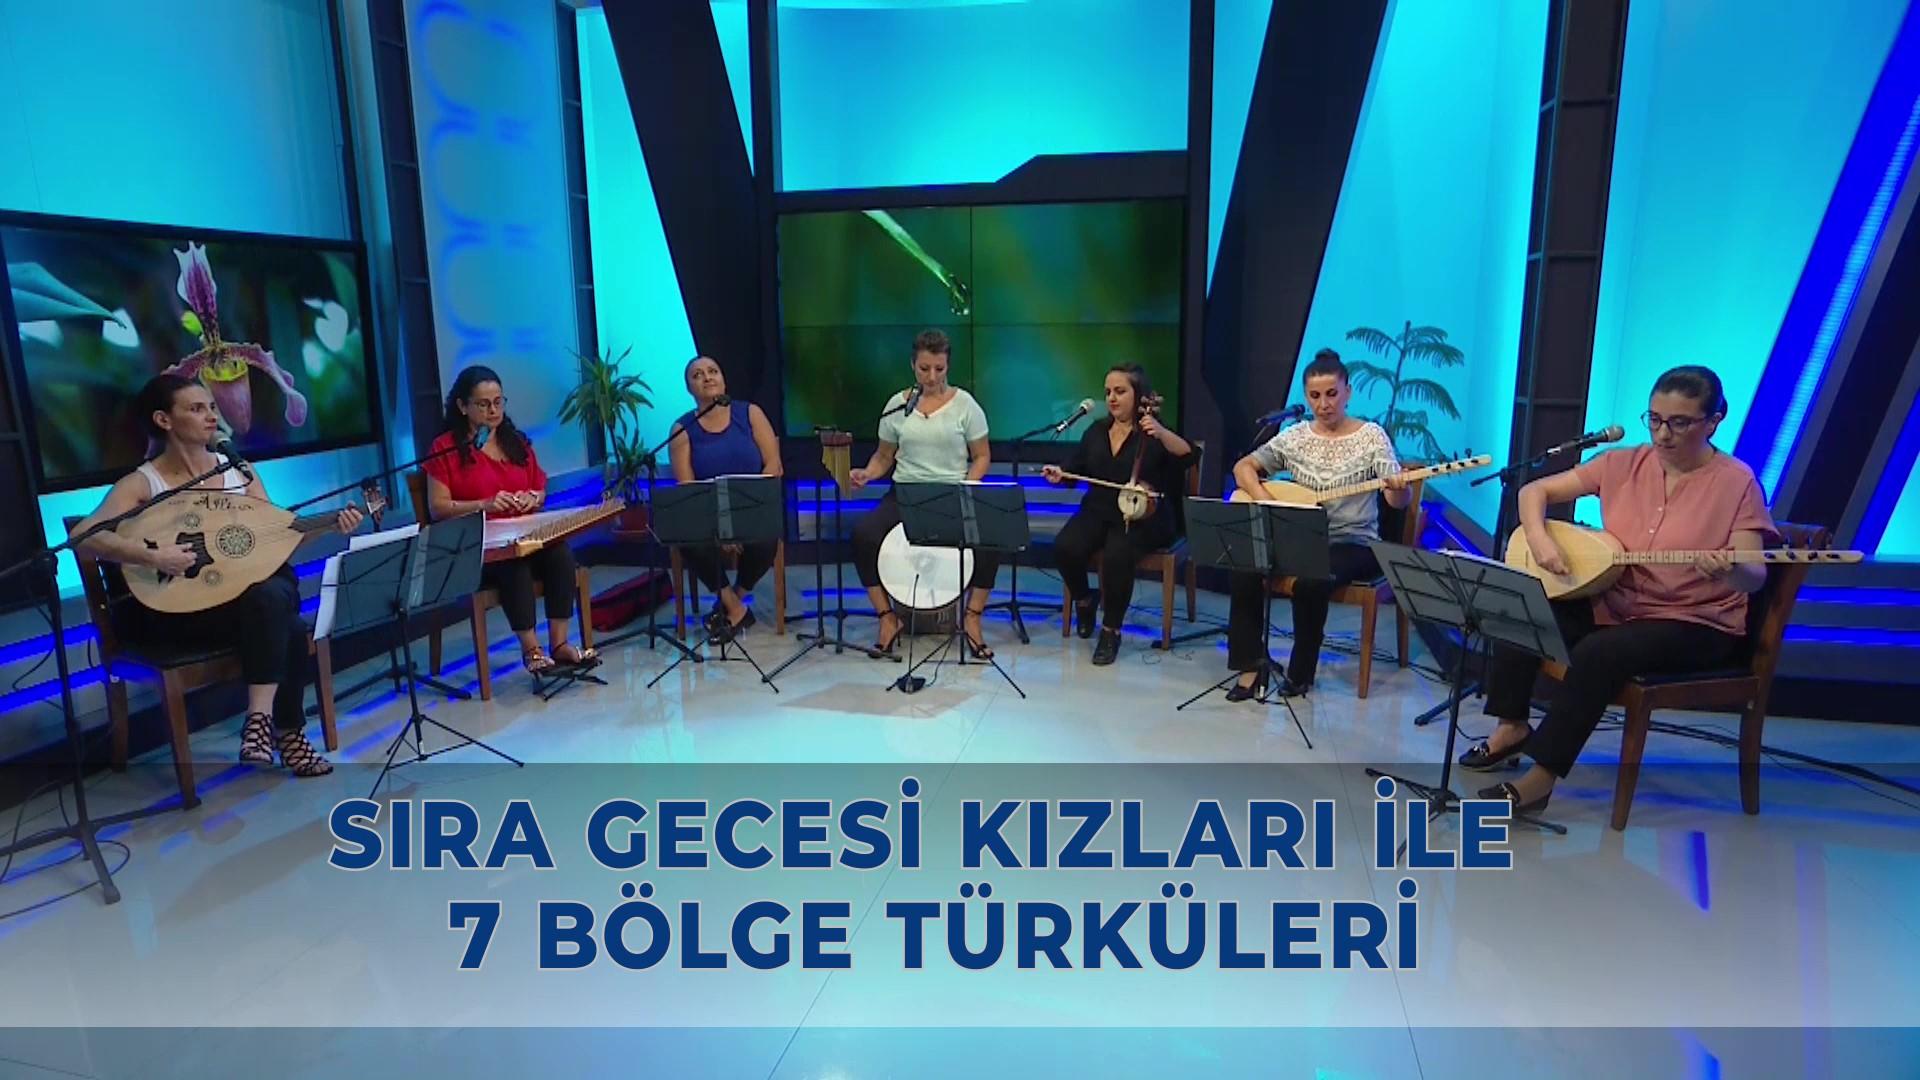 Sıra Gecesi Kızları ile 7 Bölge Türküleri